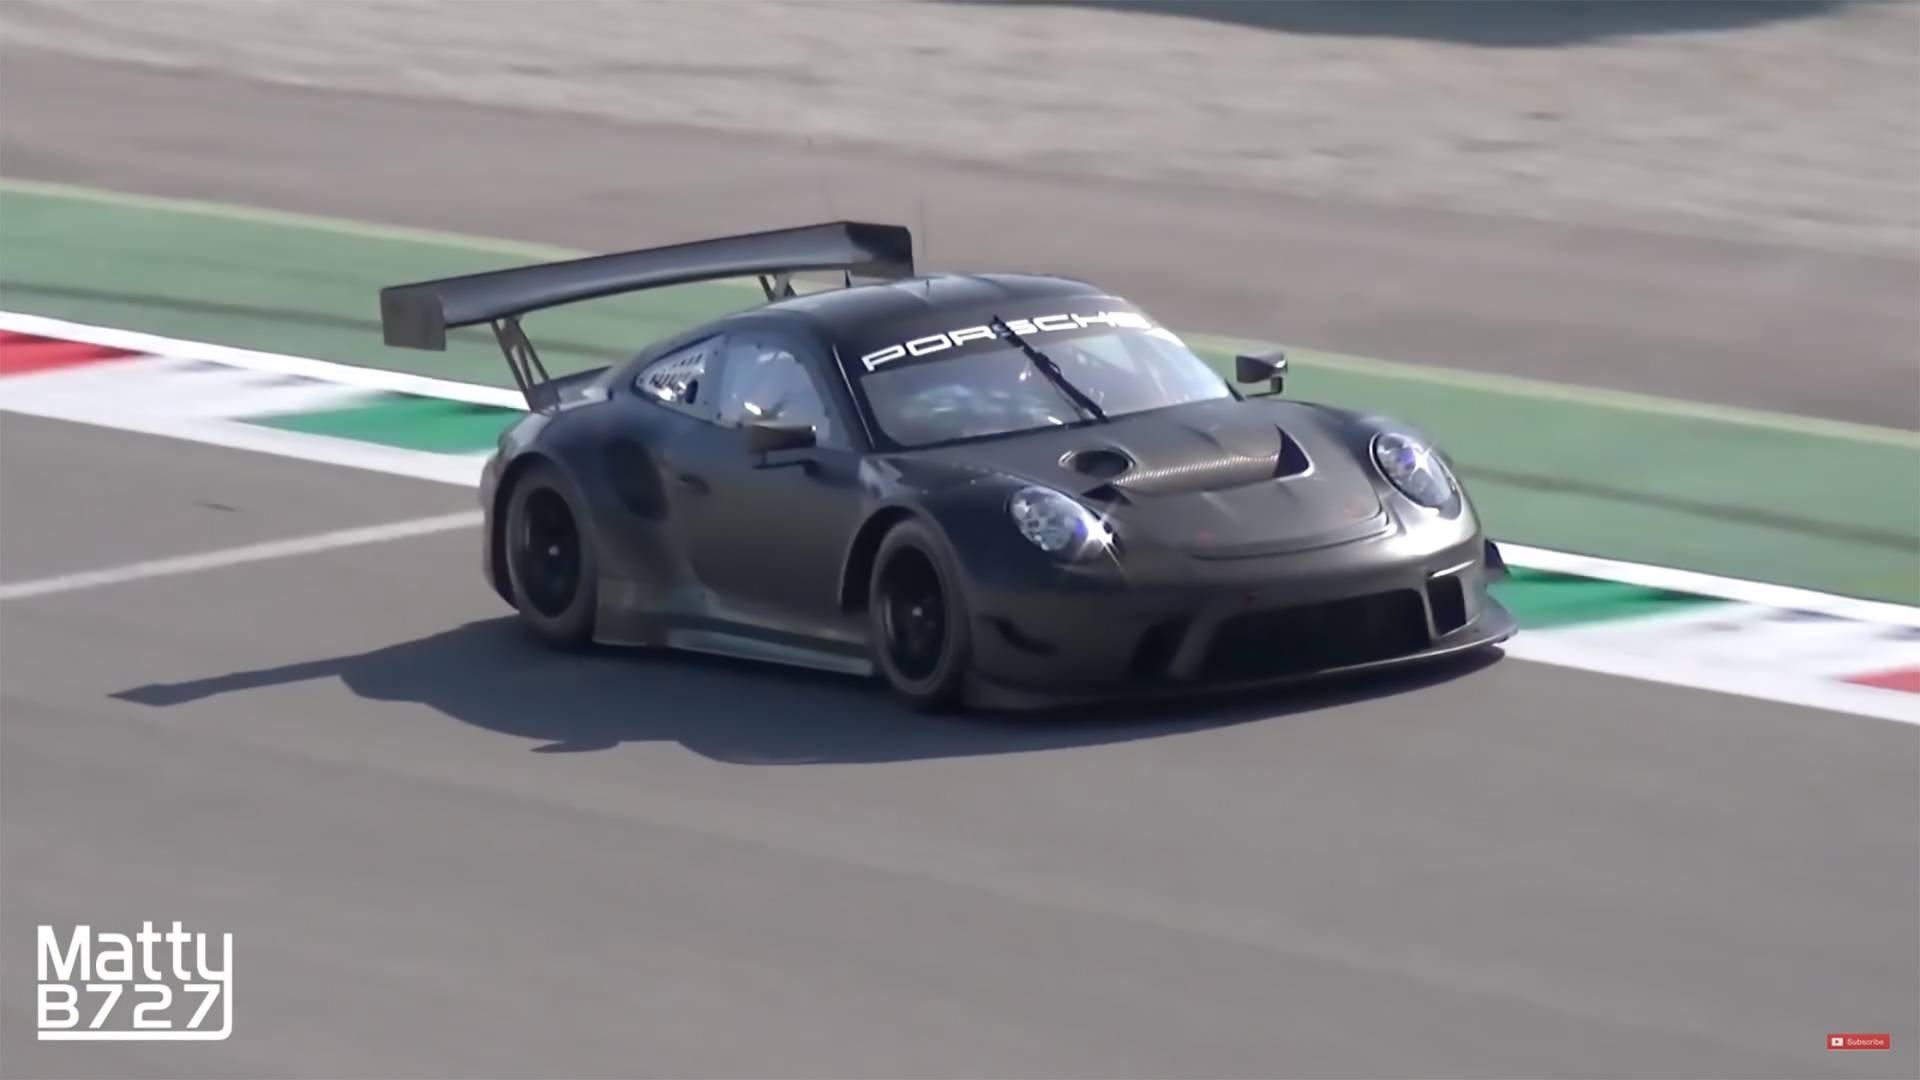 2019 Porsche 911 GT3 R Sounds Ferocious During Monza Test on car mercedes-benz cls-class, car porsche panamera, car ferrari 458,